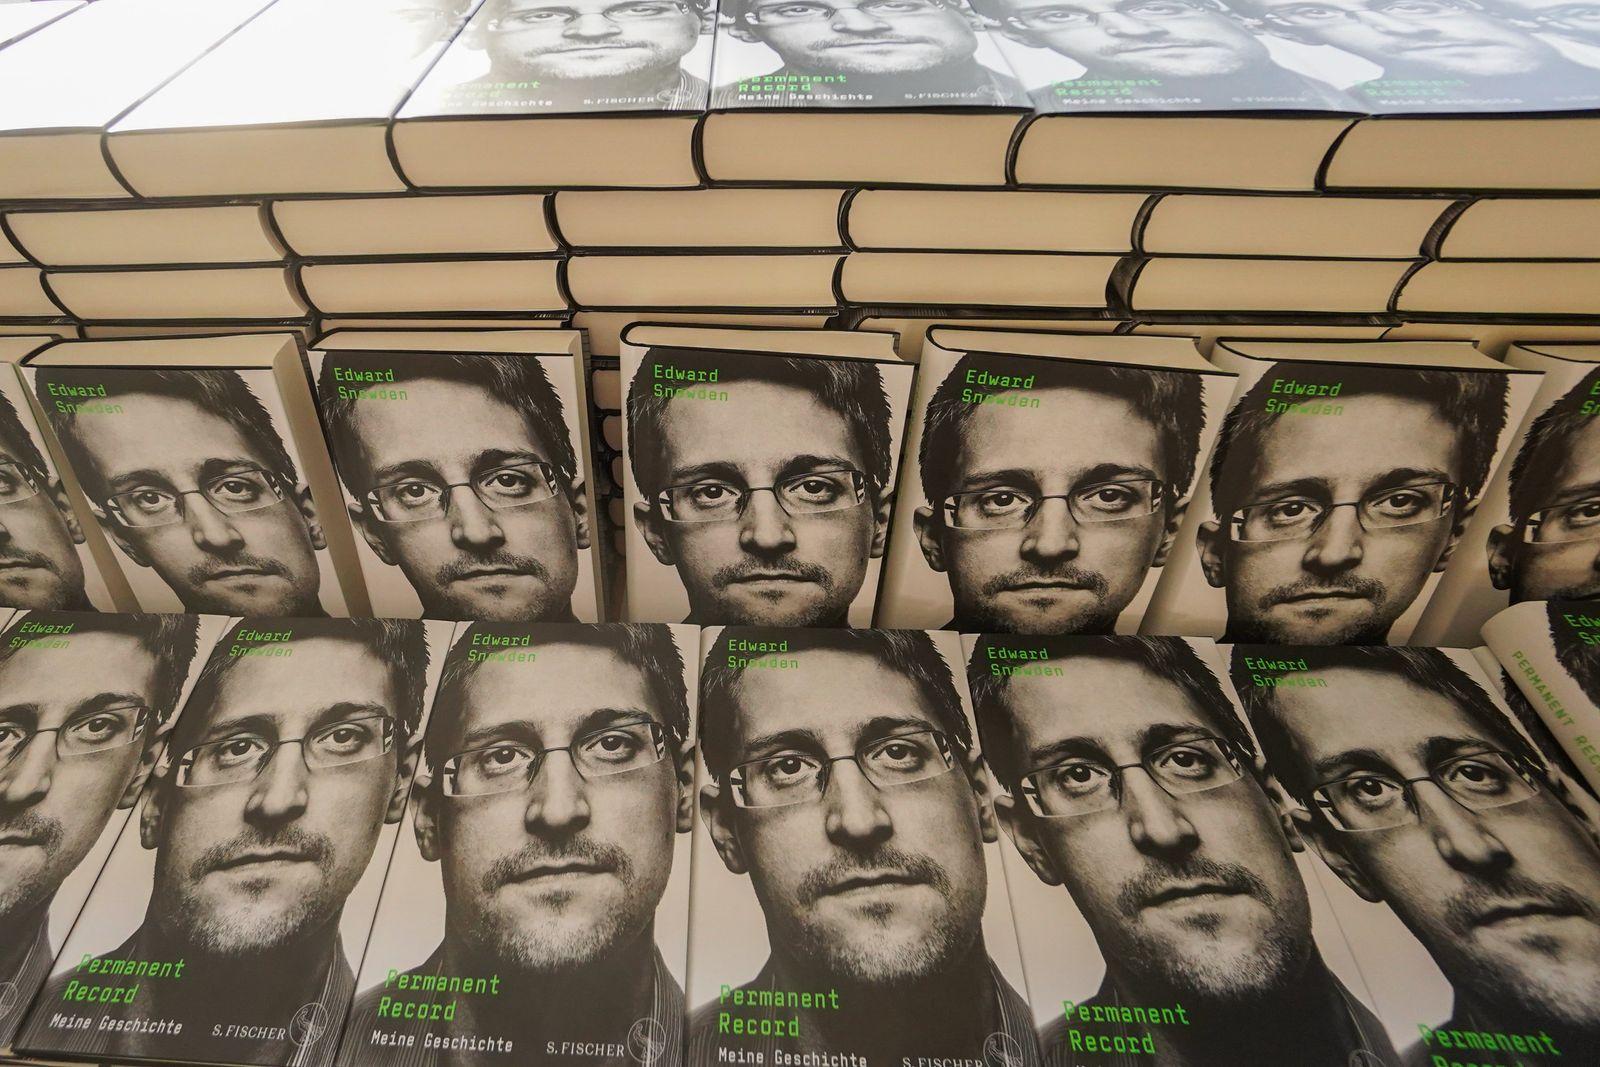 Neues Buch von Edward Snowden